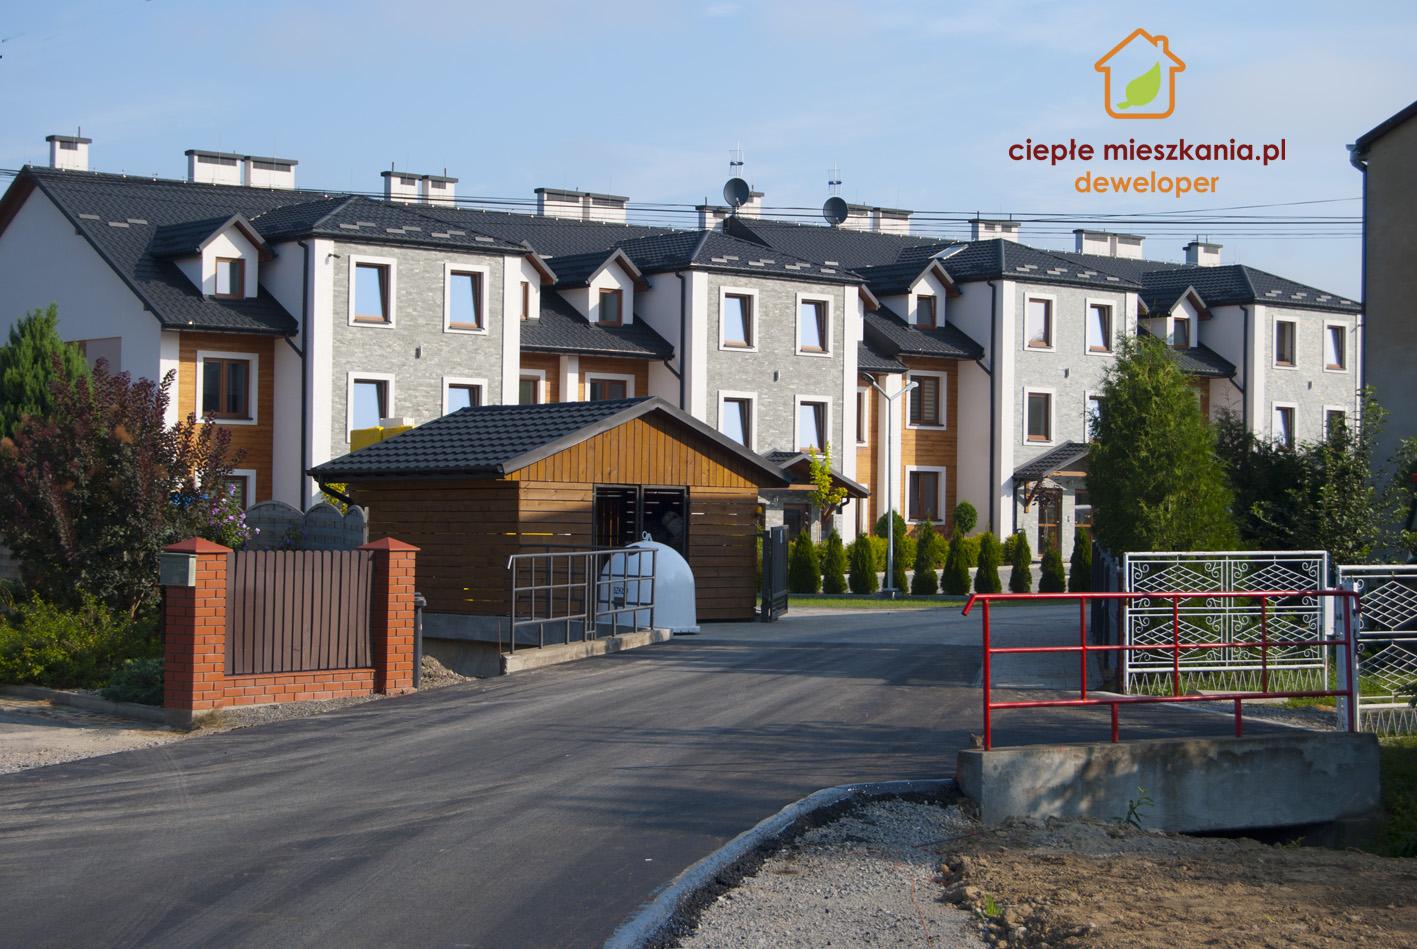 II etap zdjęcia zbudowy CiepleMieszkania.pl postęp prac